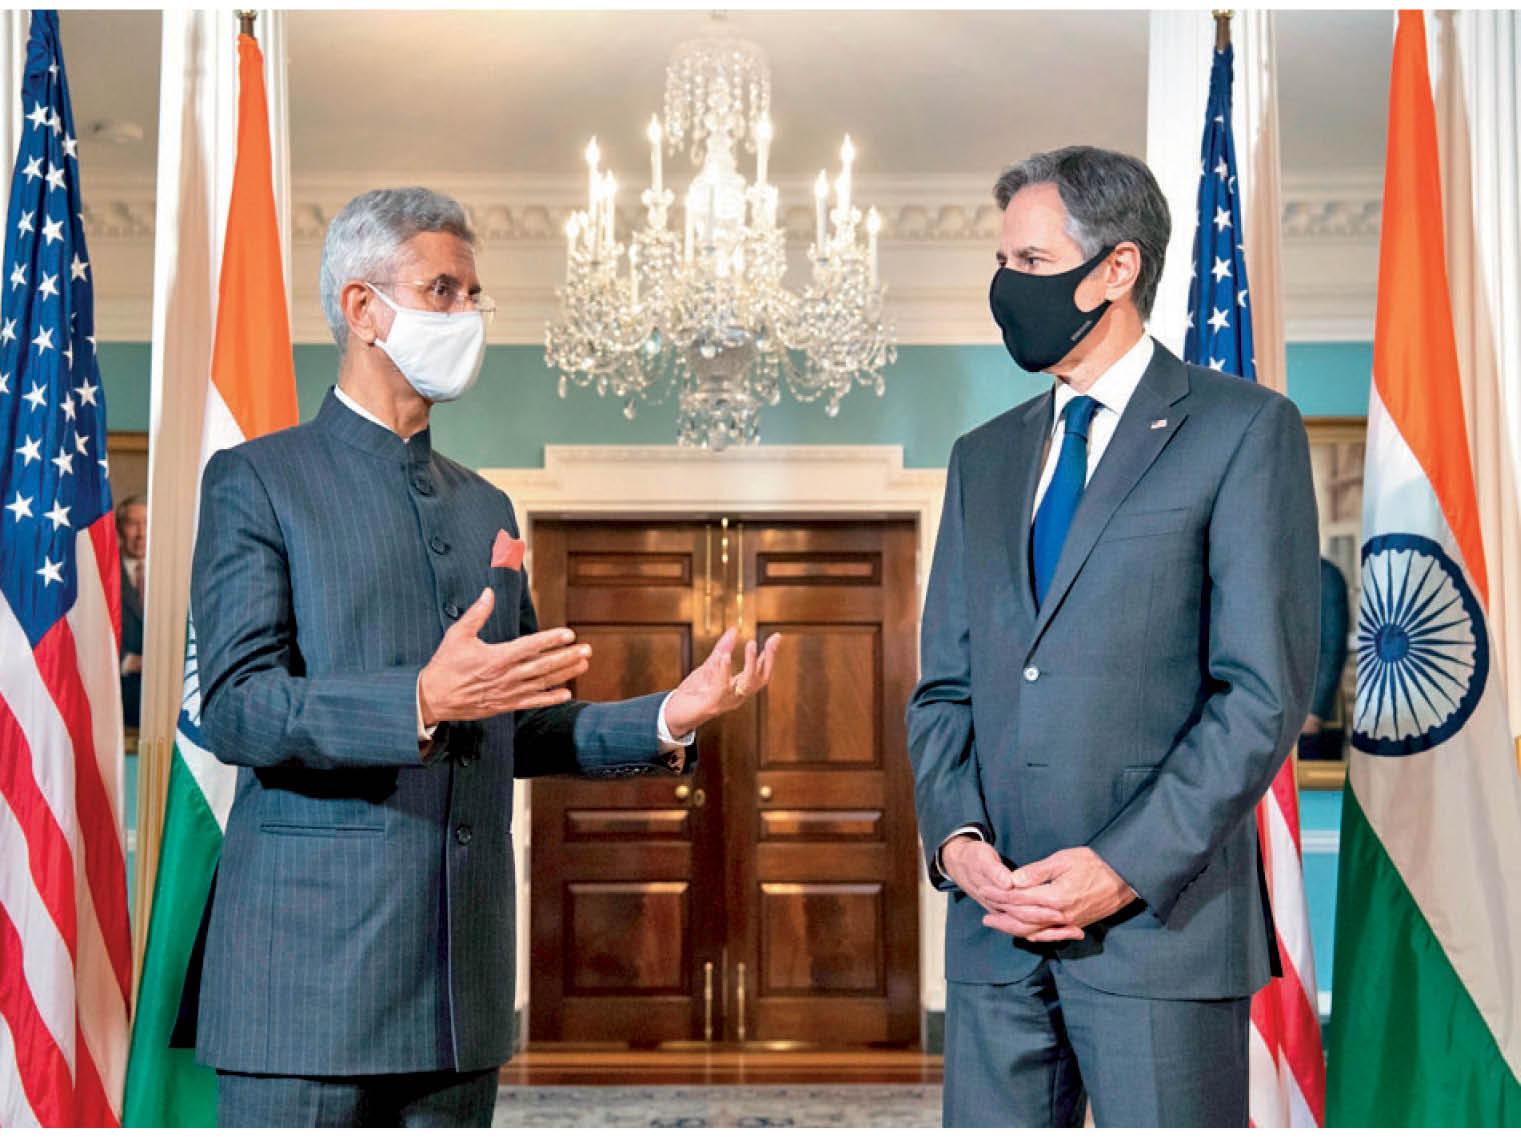 अमेरिका ने माना- अफगानिस्तान के भविष्य पर चर्चा में भारत अहम; चीन की हरकतों को लेकर दोनों देशों के एक जैसे विचार|विदेश,International - Dainik Bhaskar